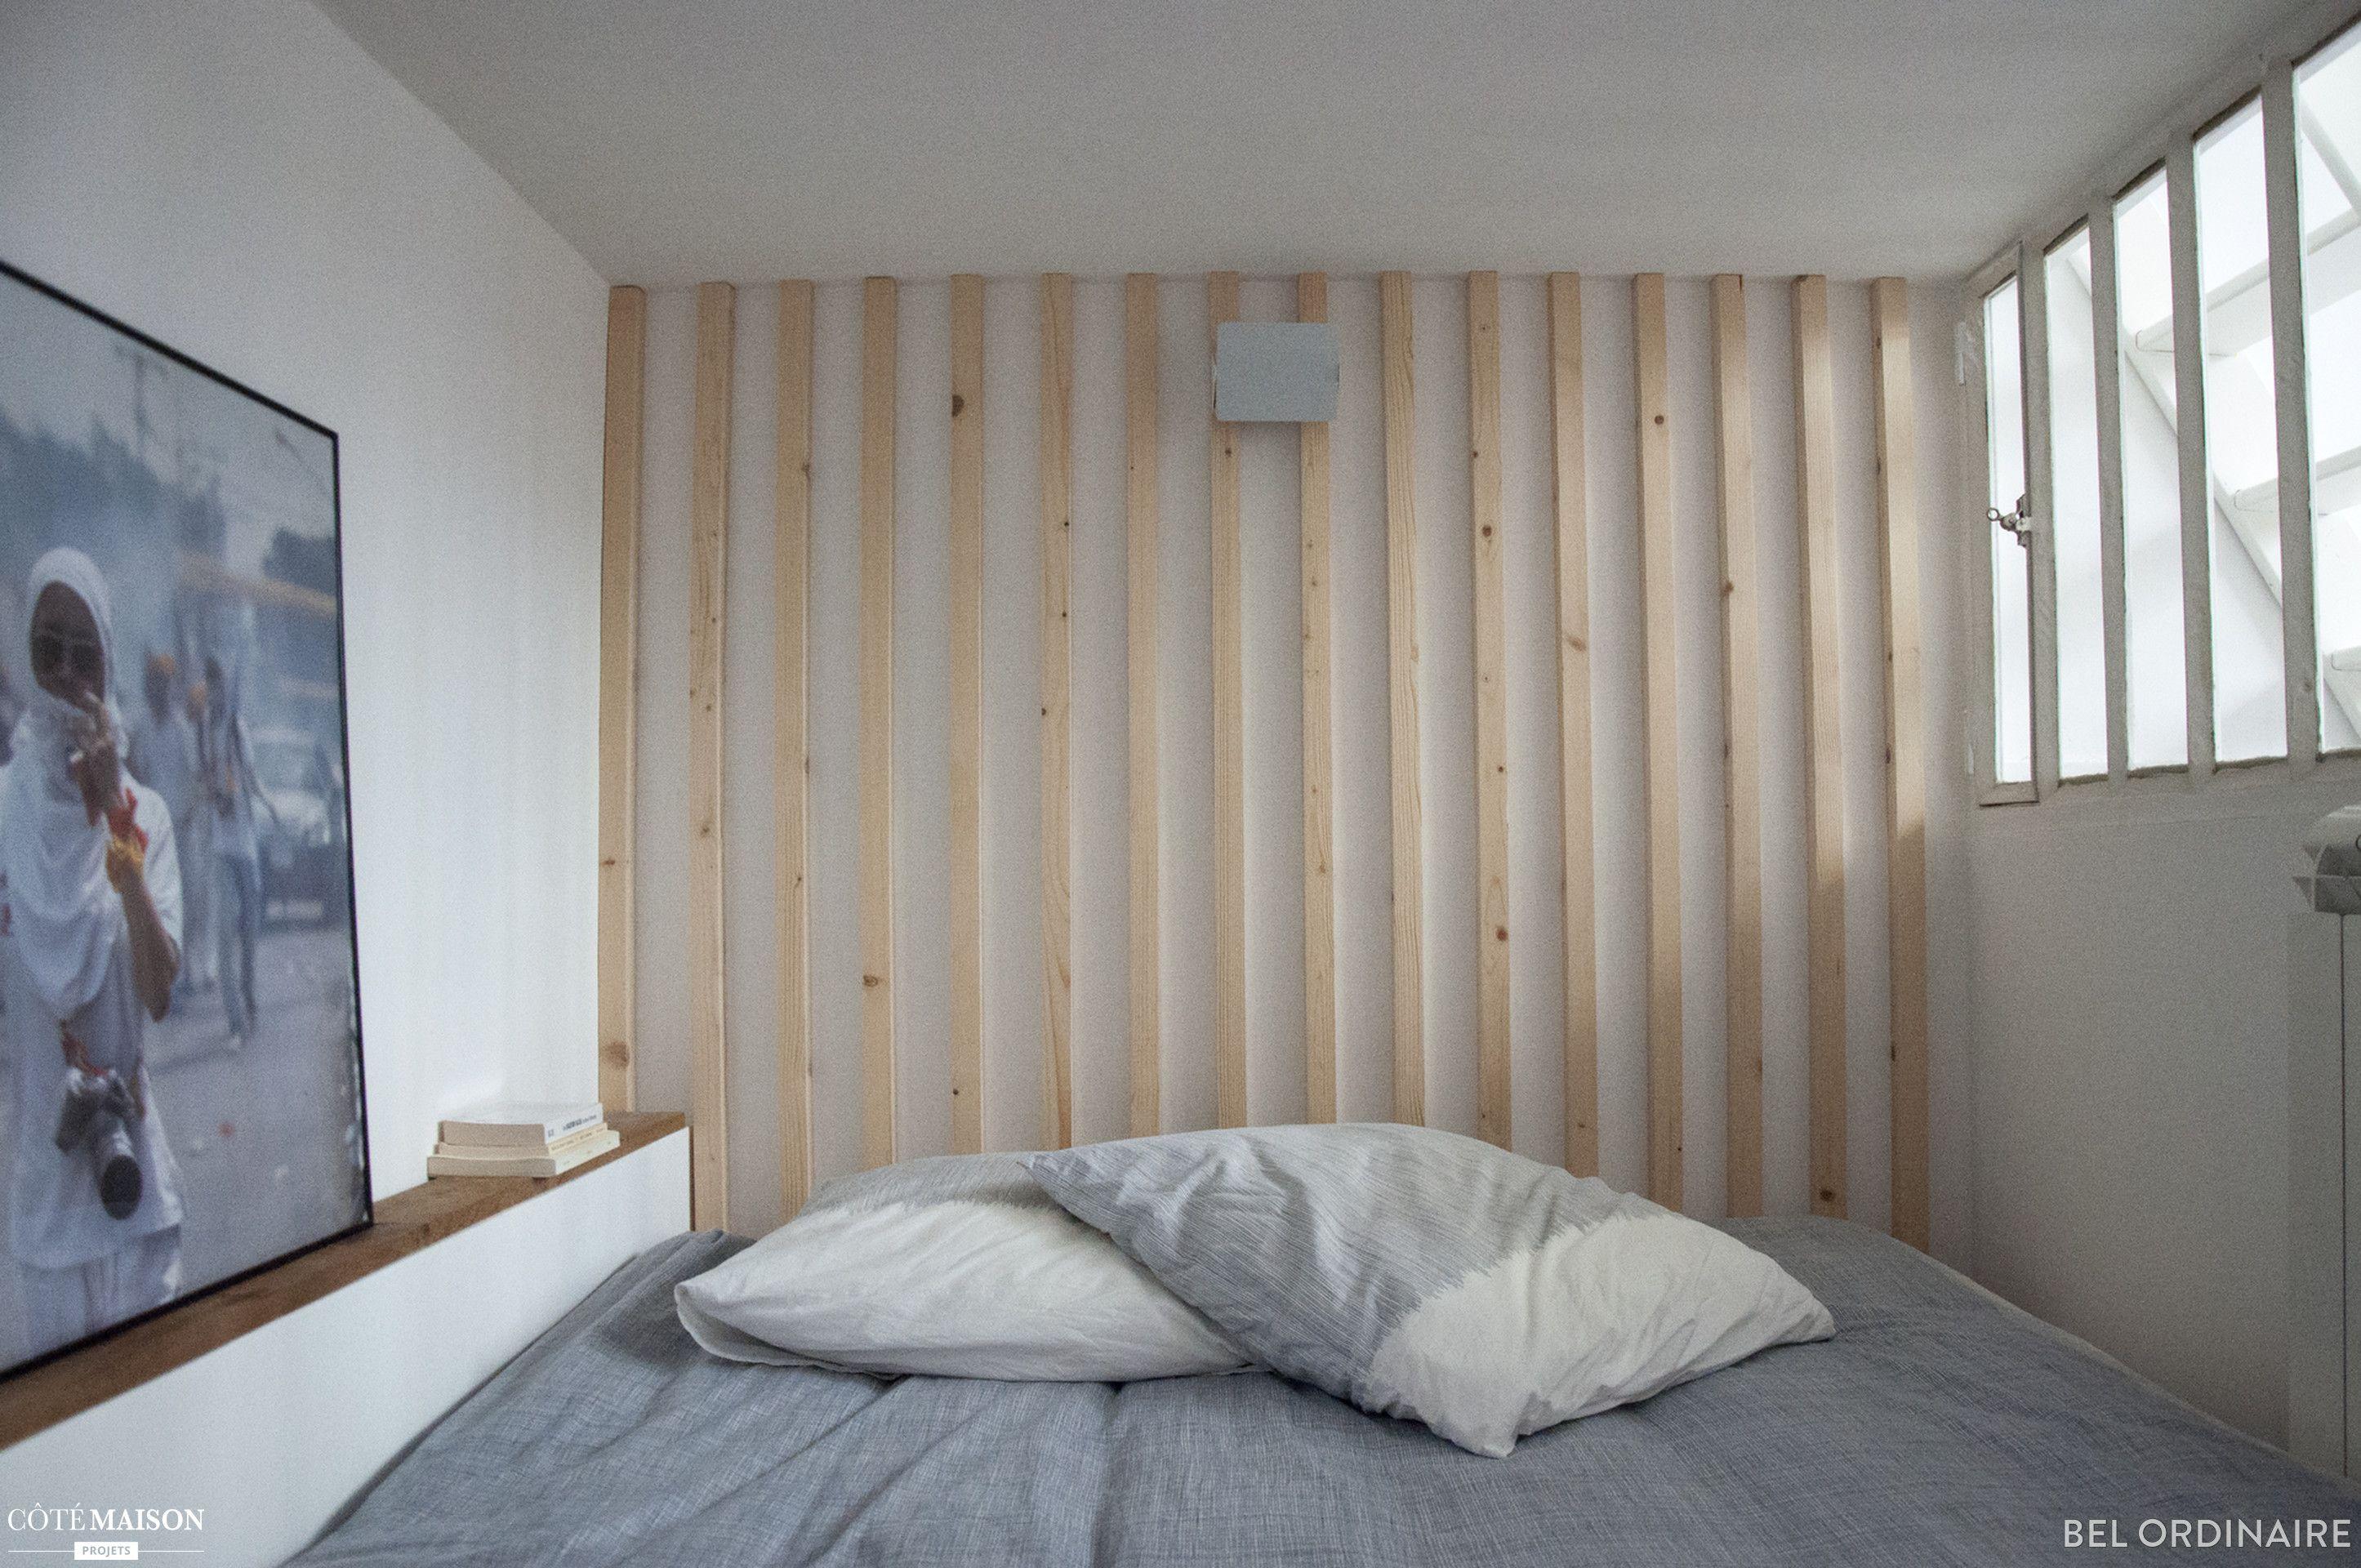 Une Chambre Avec Une Tete De Lit Realisee En Tasseaux De Bois Par L Agence Bel Ordinaire Claustra Deco Chambre Deco Fait Maison